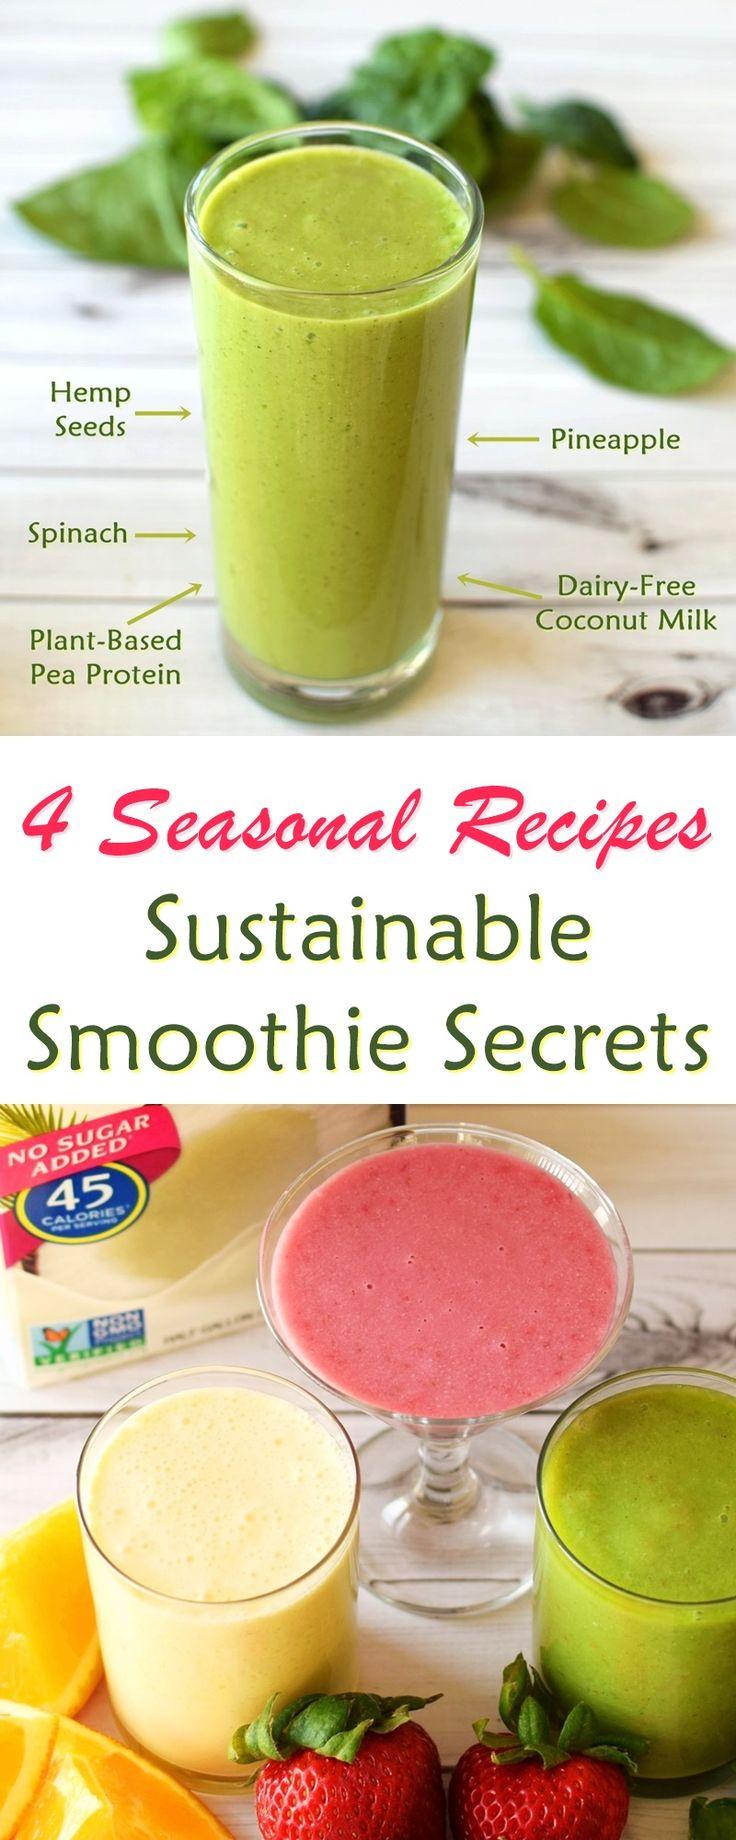 Auswahl der besten Zutaten für nachhaltige Smoothies – welche Milch, Ei …   – Go Dairy Free!